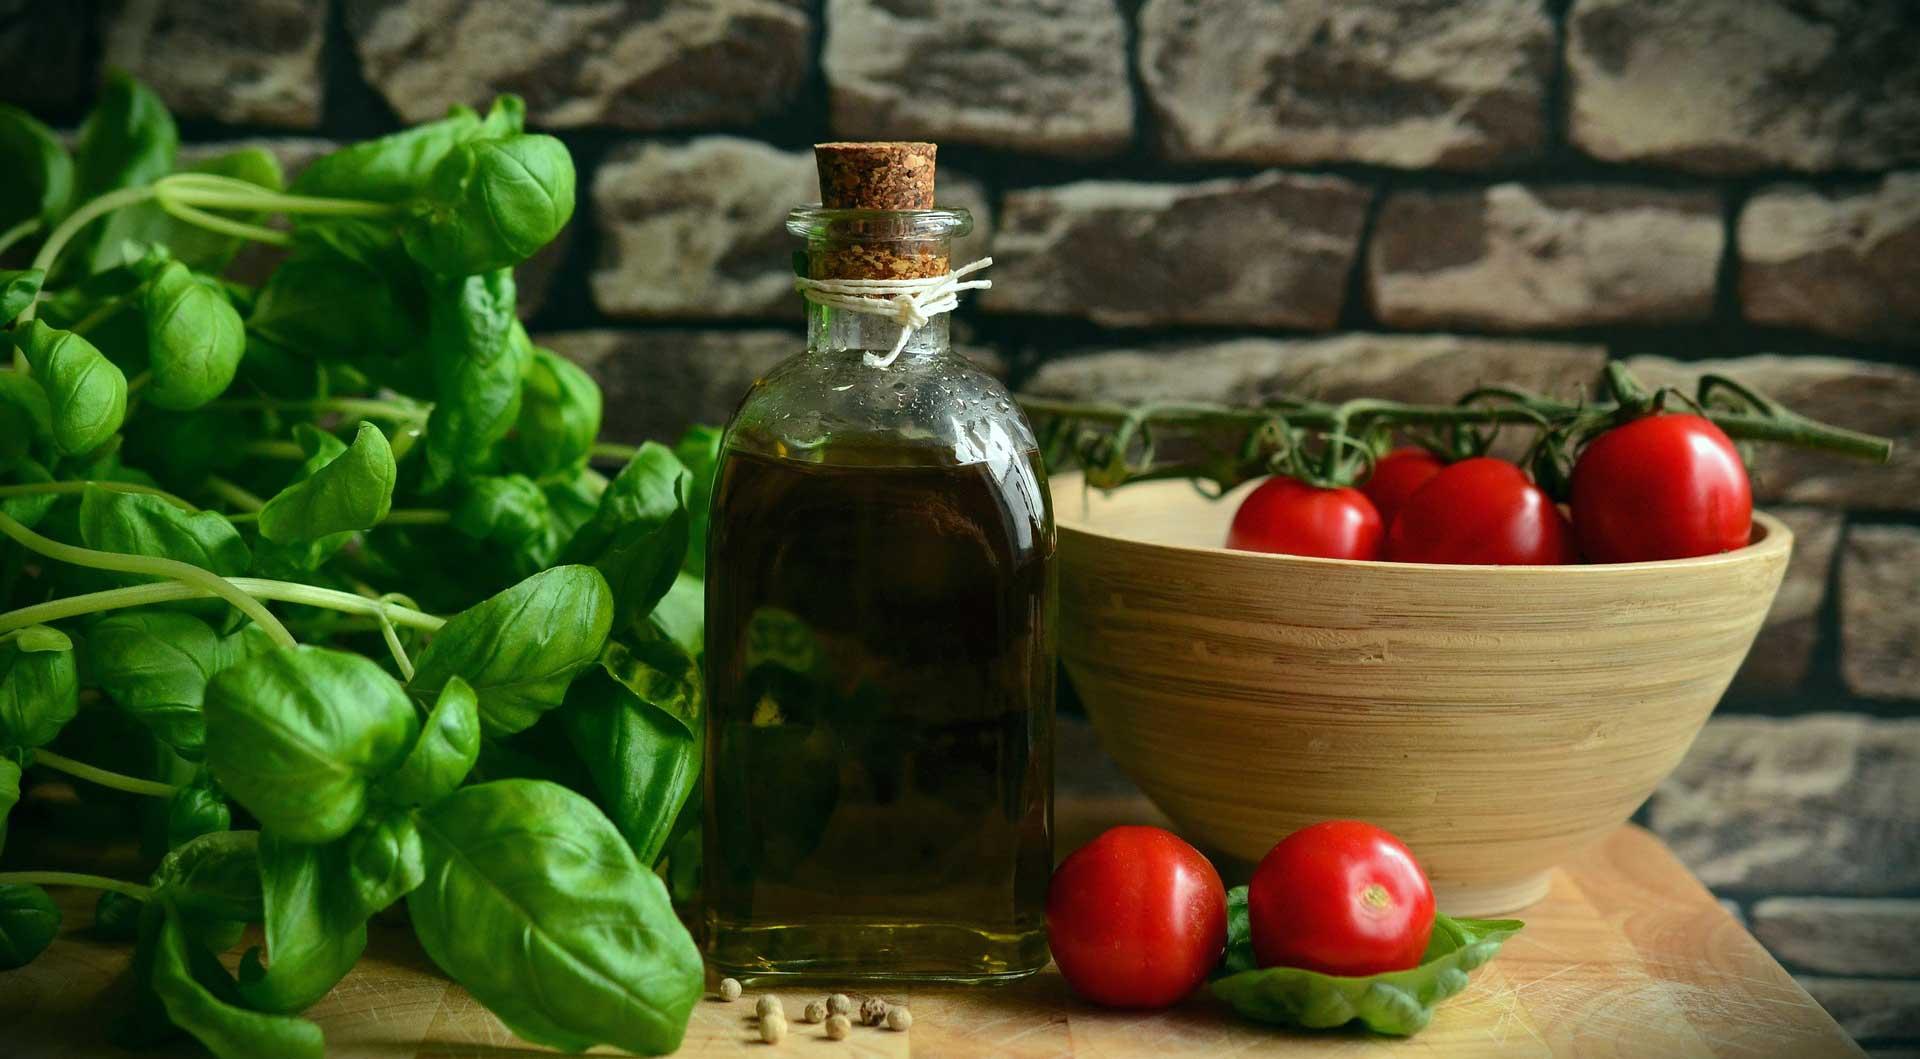 Μπορεί ο κορωνοϊός να εξαπλωθεί από το φαγητό;